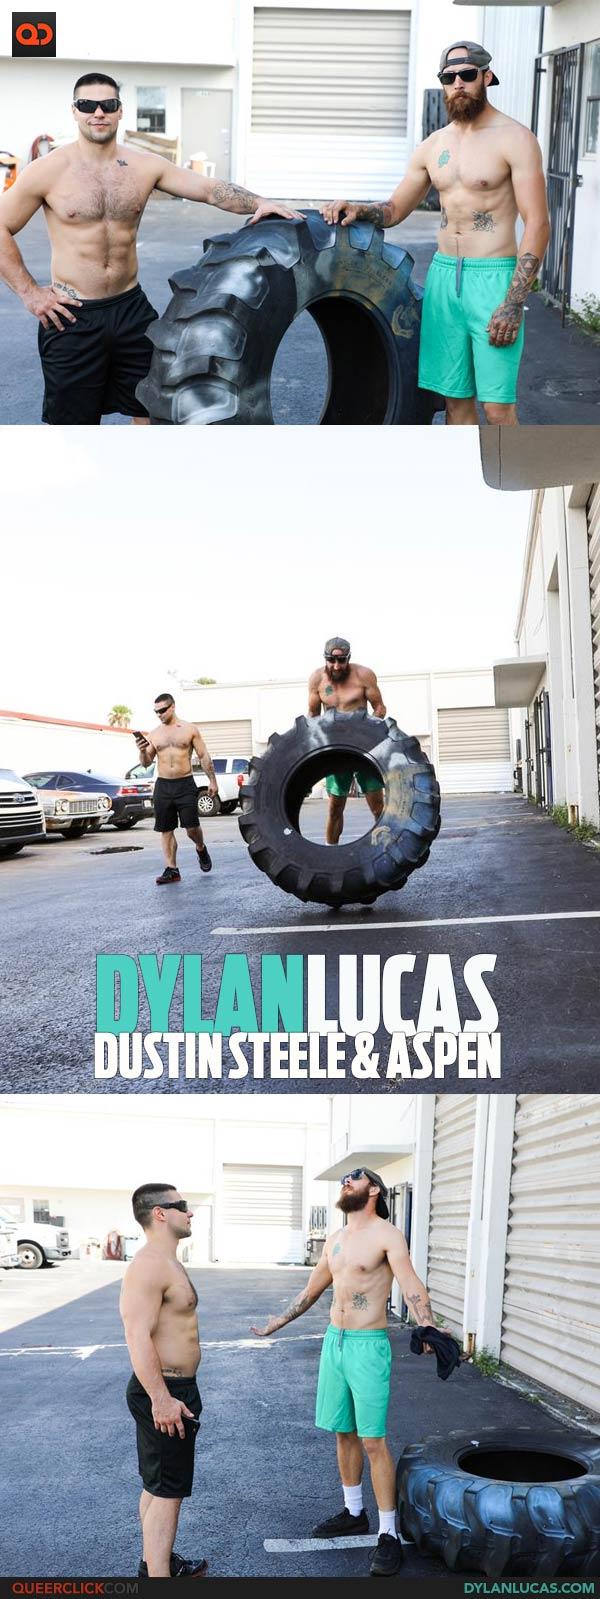 Dylan Lucas: Dustin Steele & Aspen